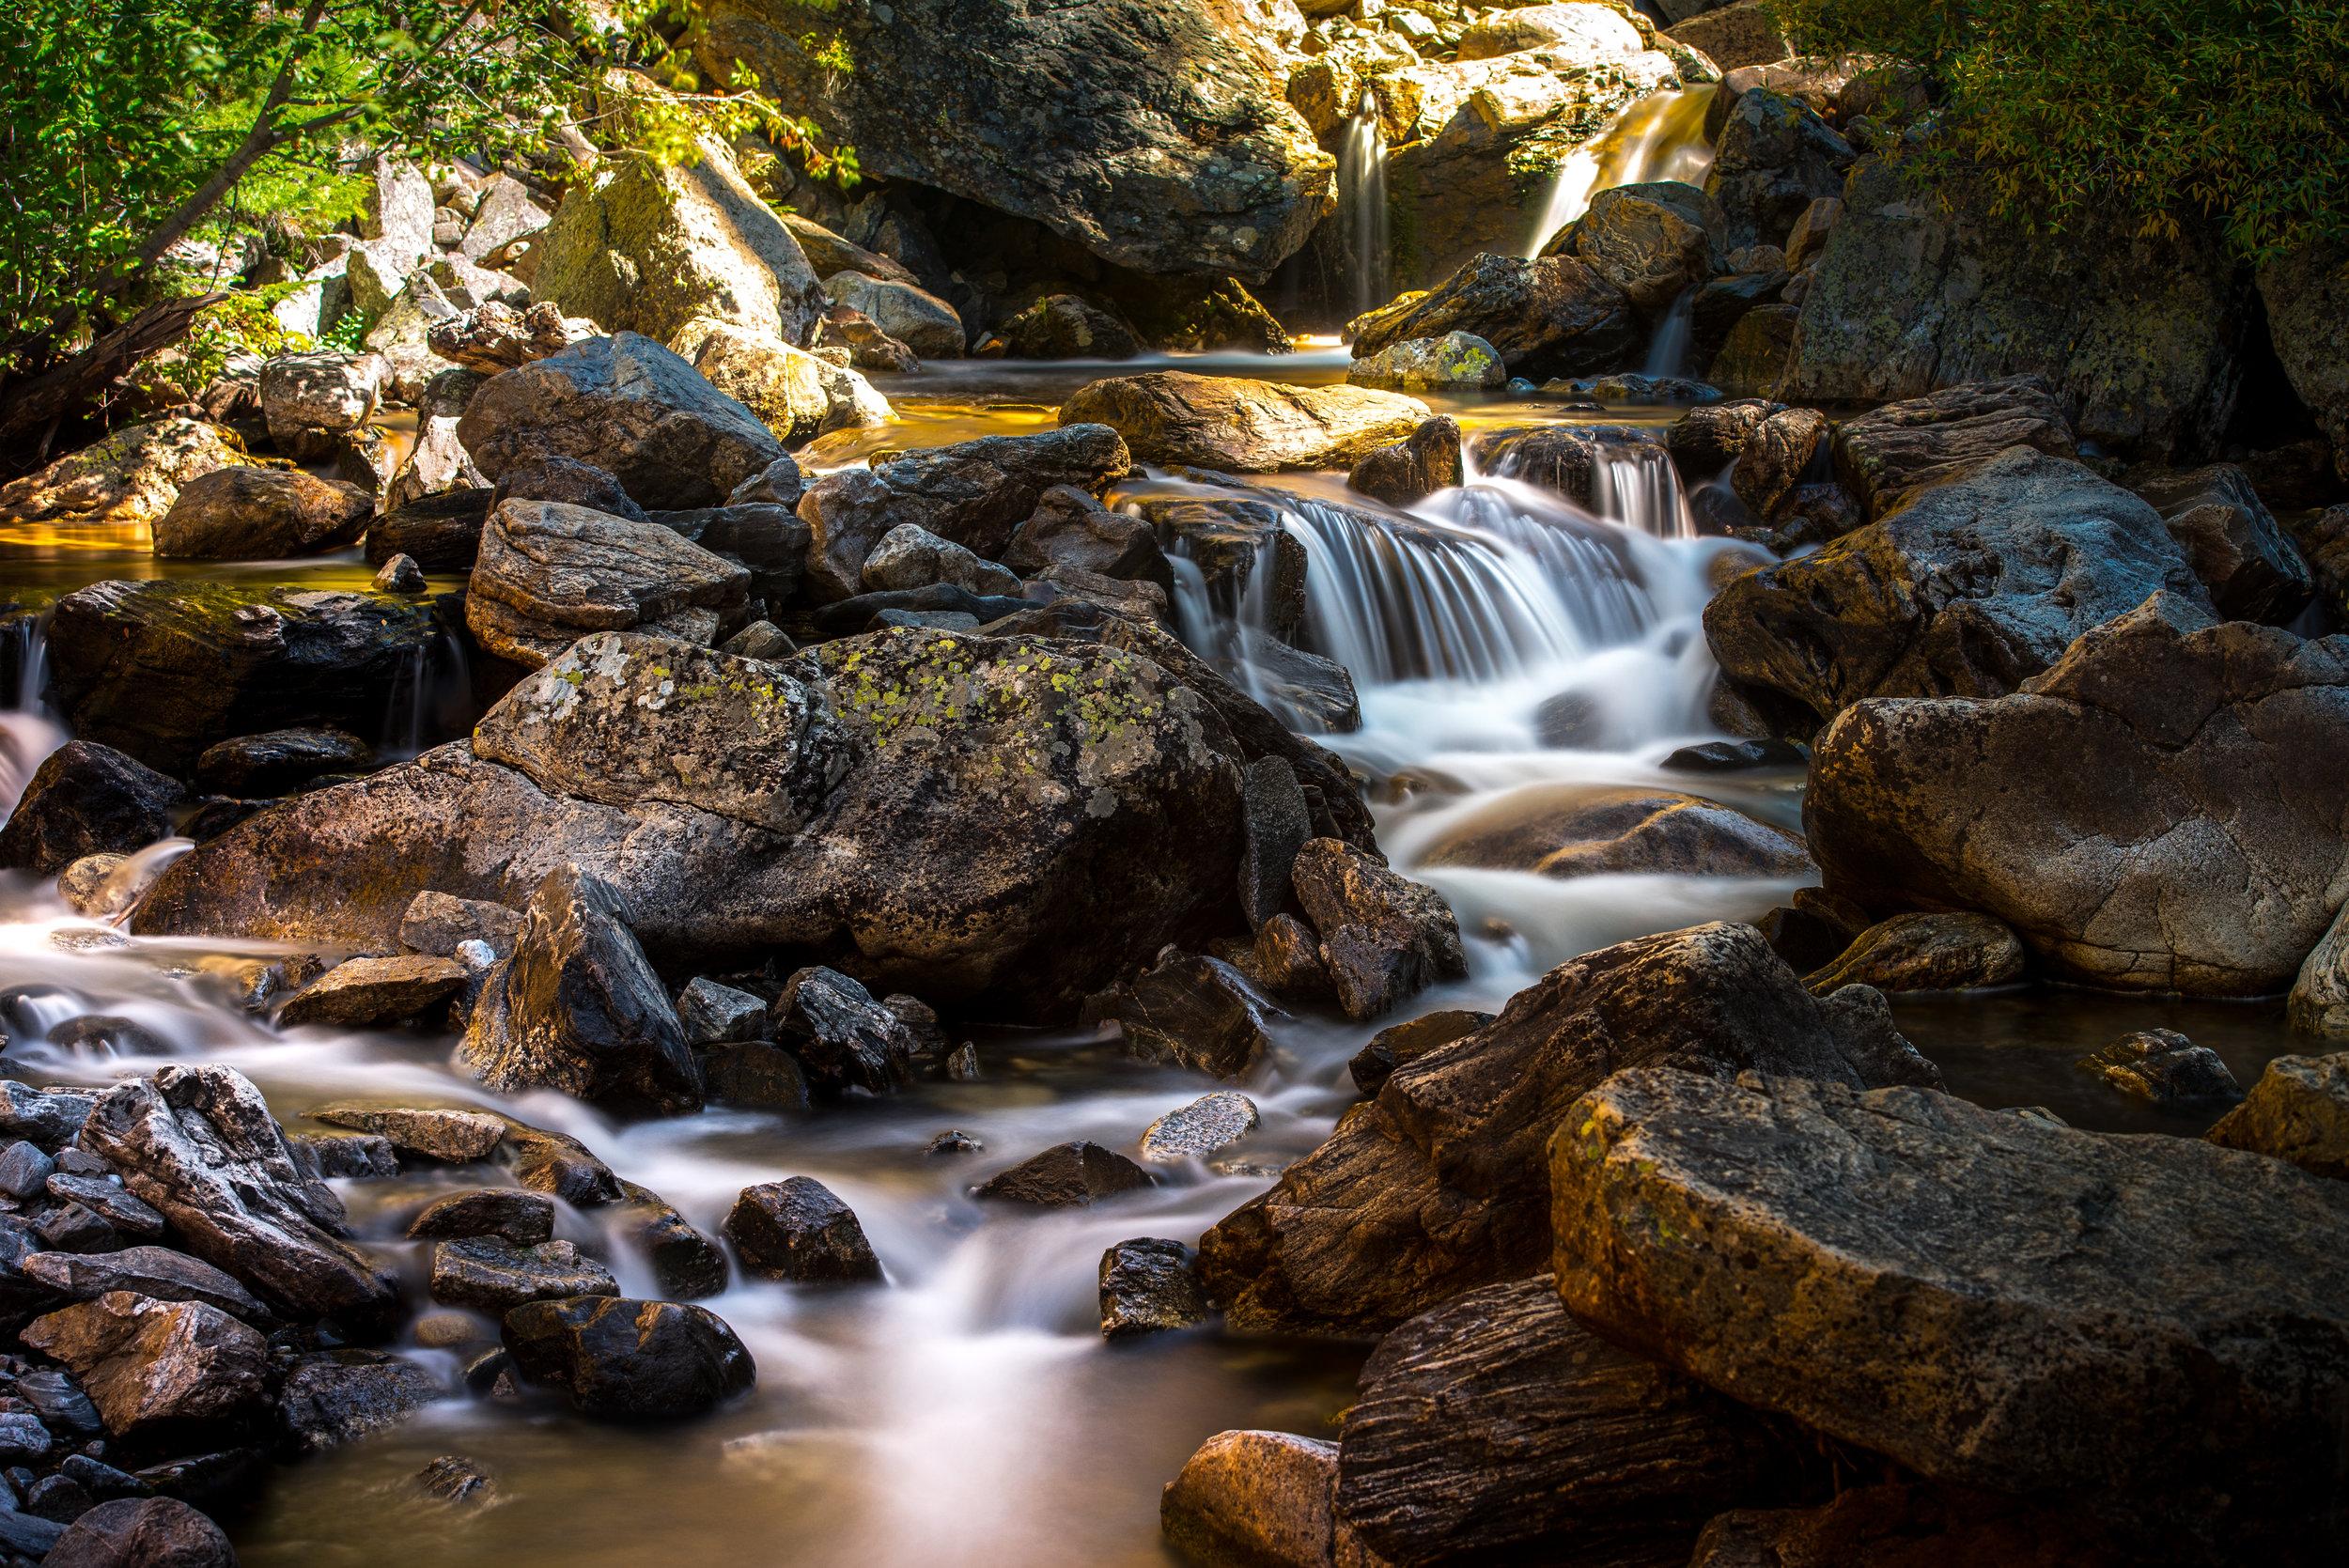 If it's in your nature, let it flow. If it's not, let it go. -